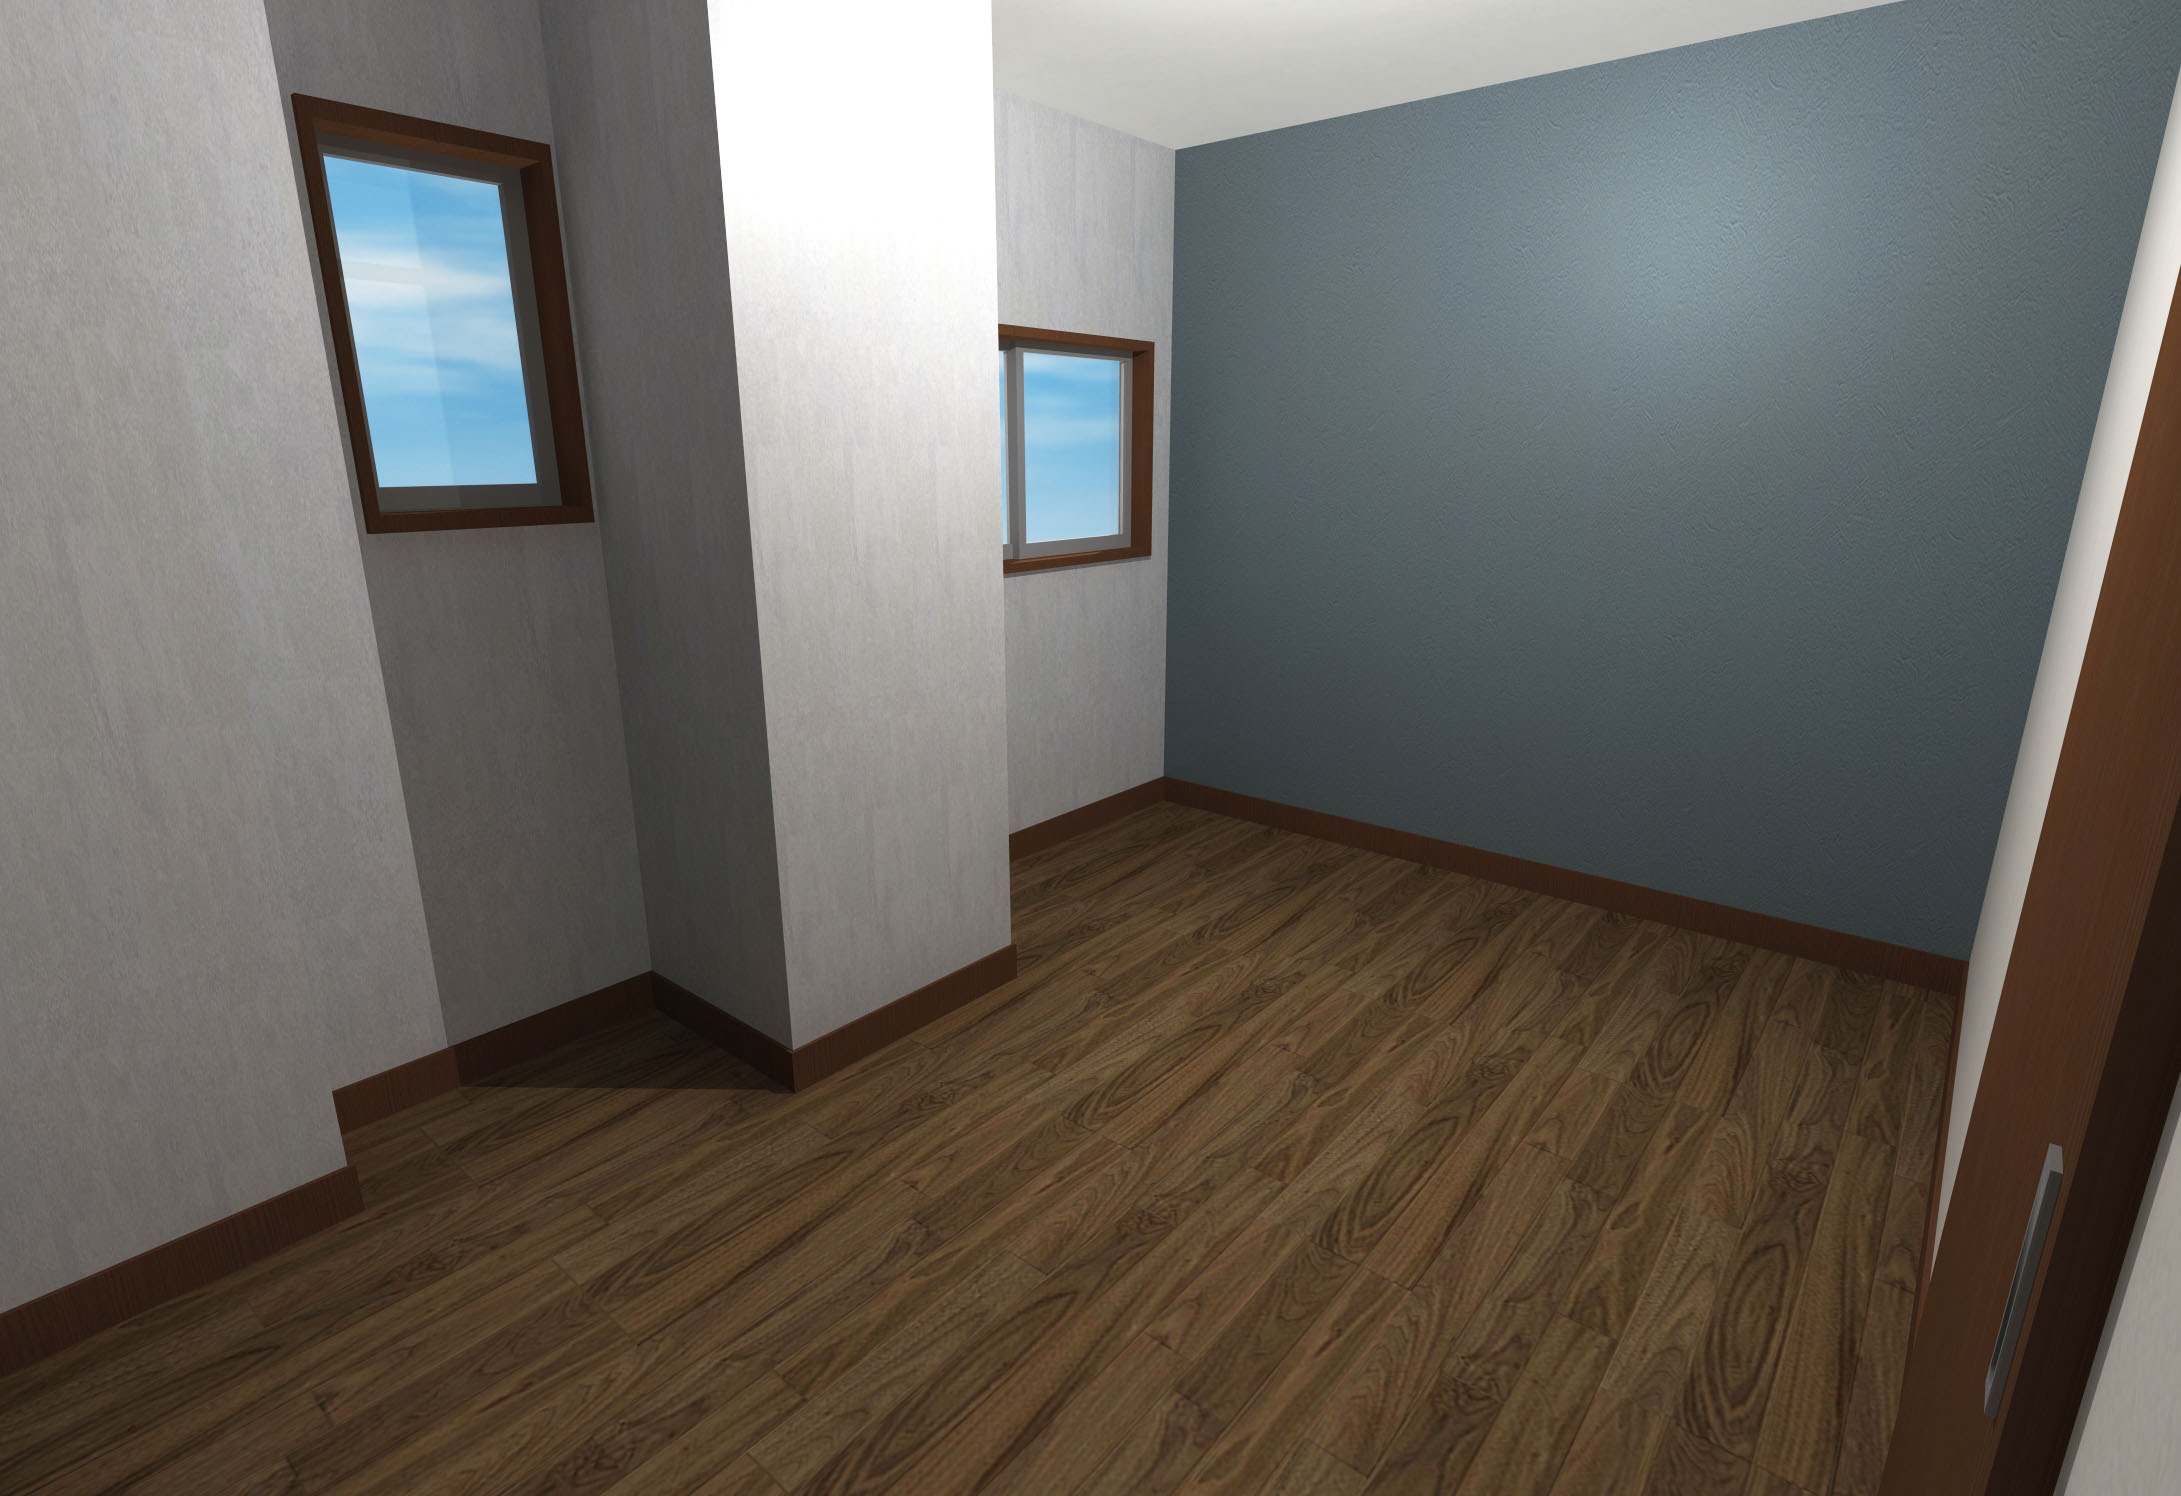 綺麗めモダンな内装壁紙寝室 Hello Interior ハローインテリア